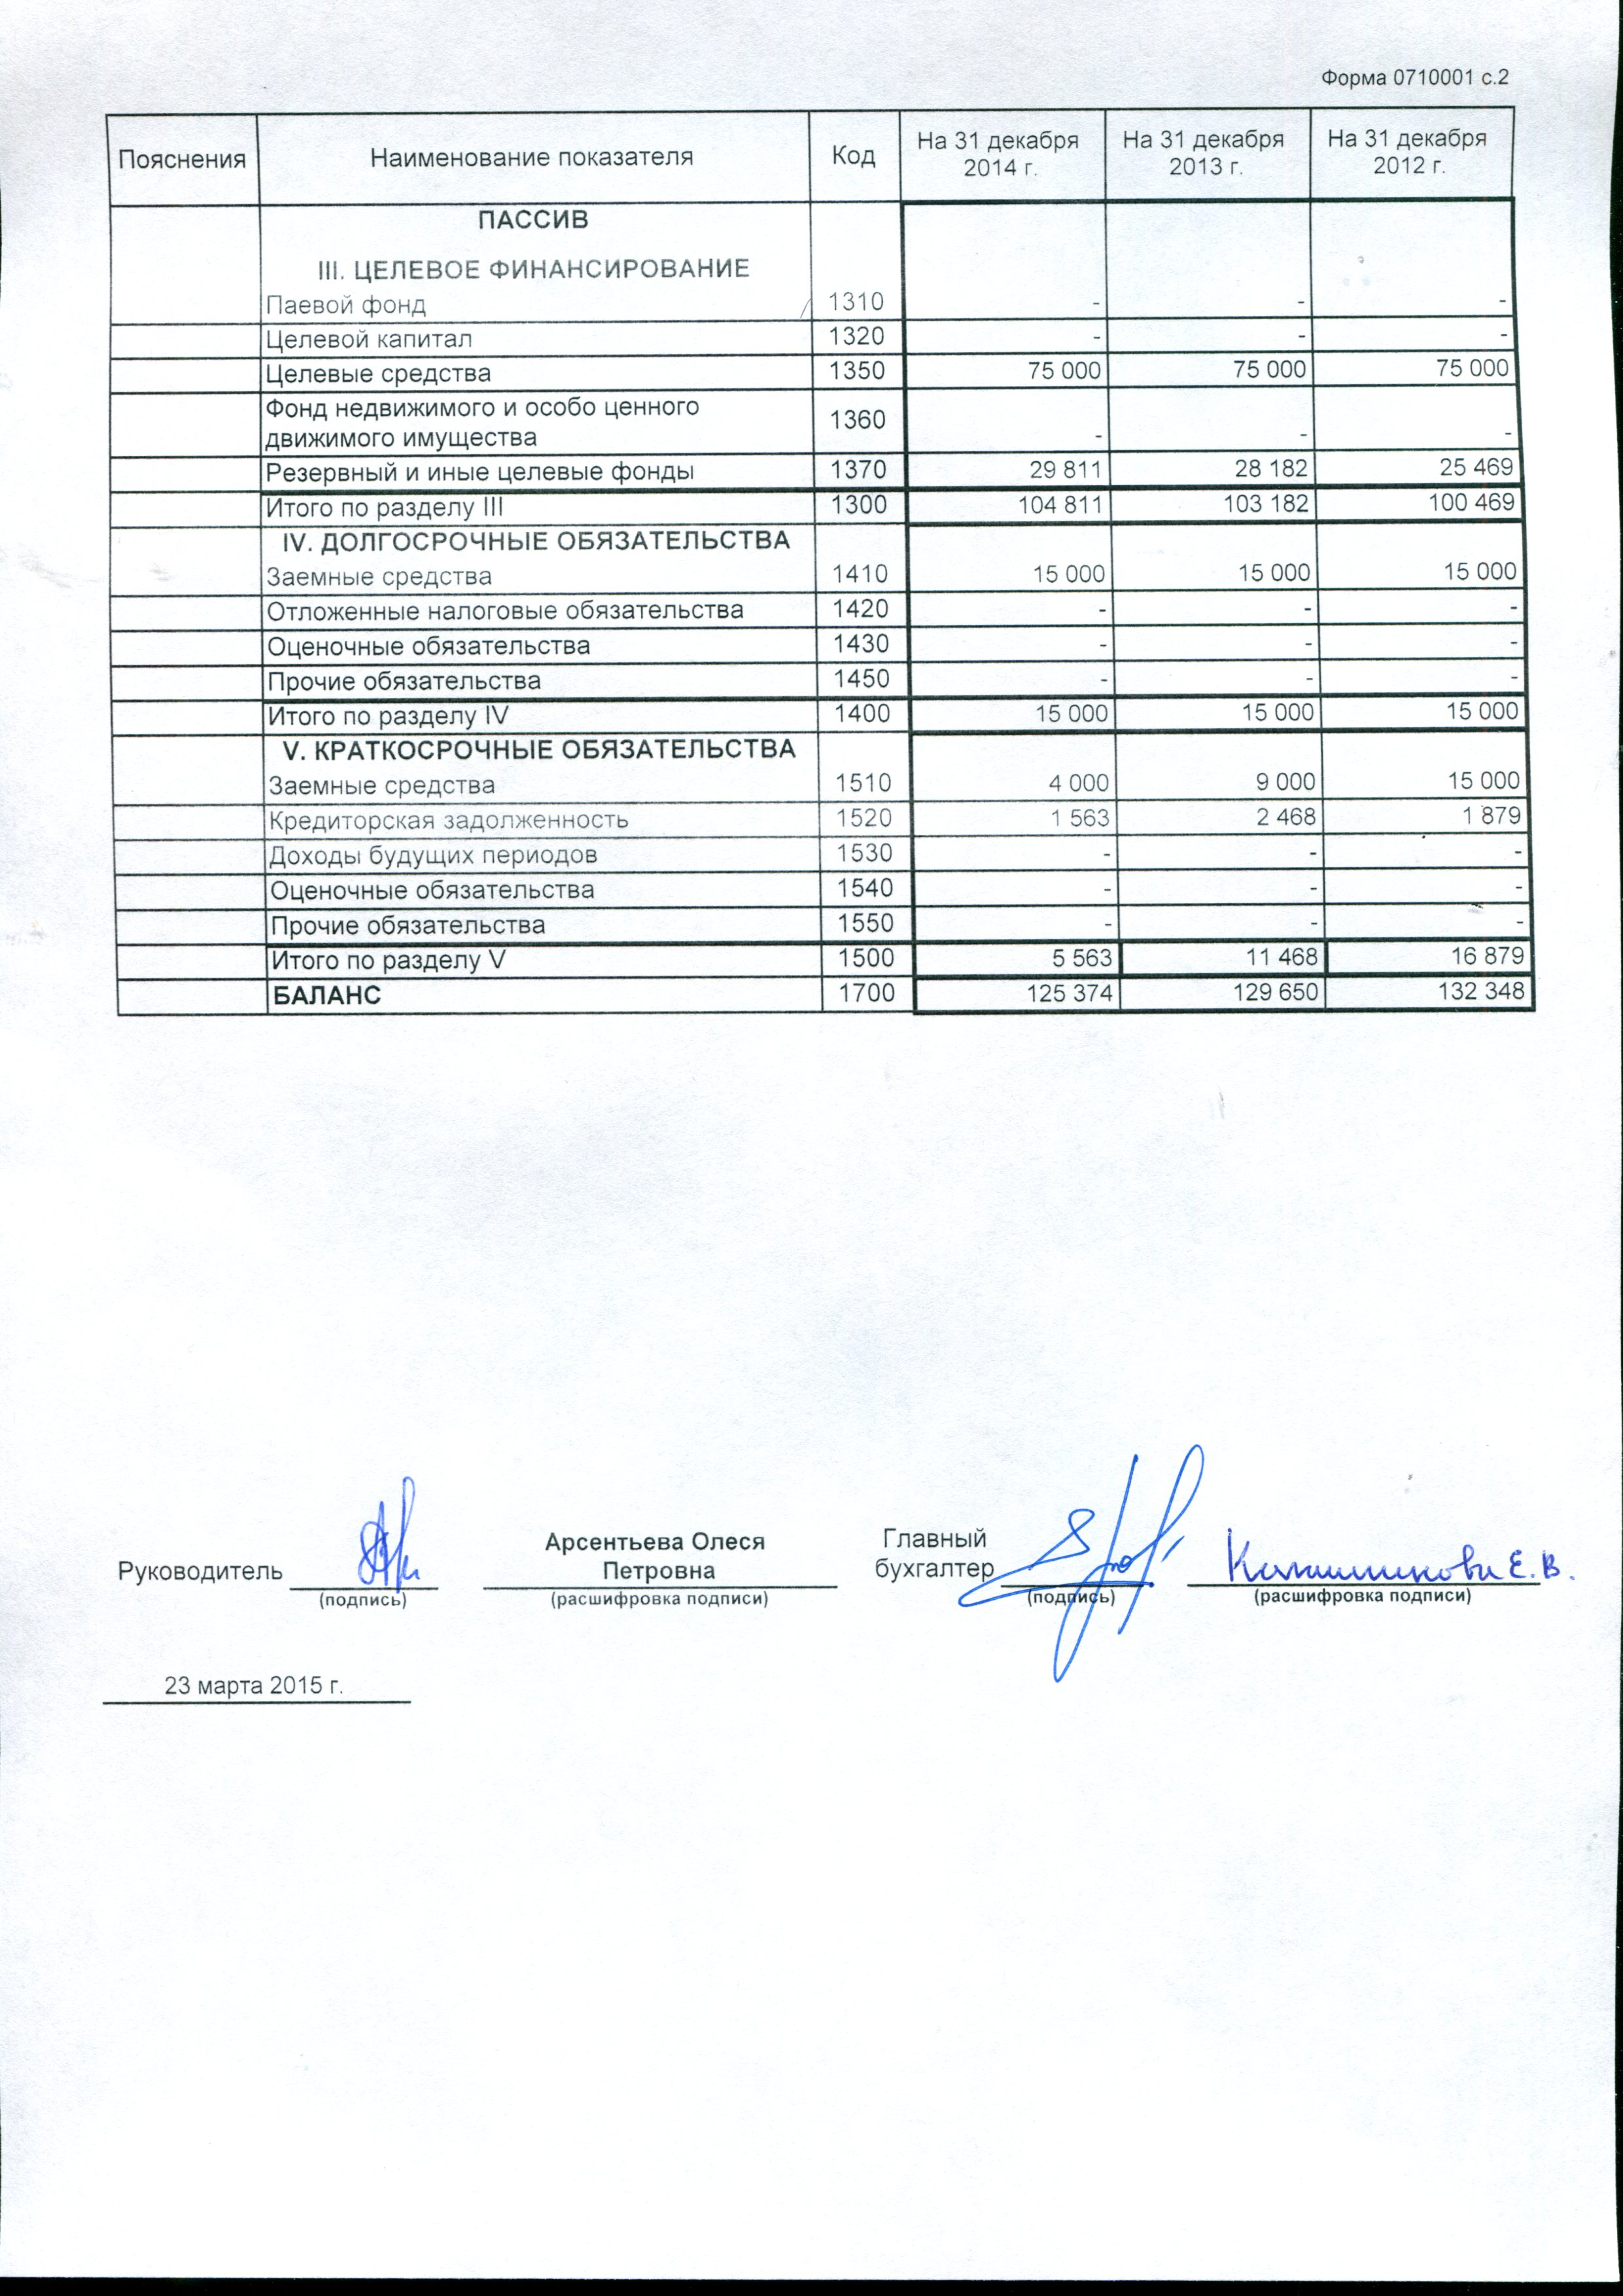 Бухгалтерский учет прочих внеоборотных активов home ru ru существенный недостаток товара работы исходя из преамбулы и пункта 1 статьи 20 бухгалтерский учет прочих внеоборотных активов Закона о защите прав